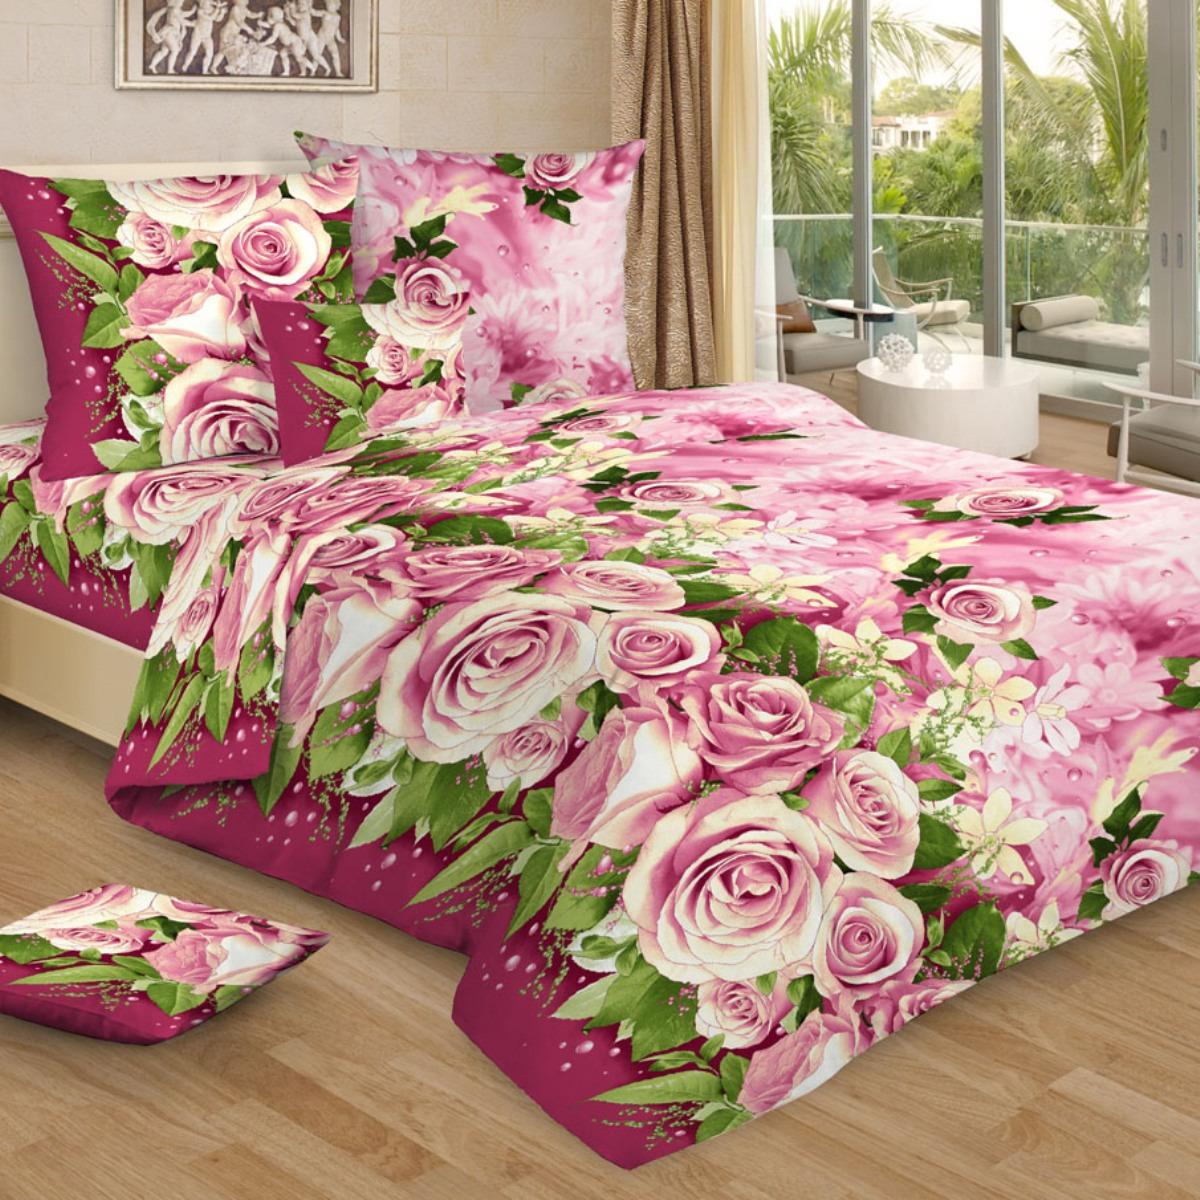 Комплект постельного белья Letto, 1,5-спальный, наволочки 70х70. B306-3